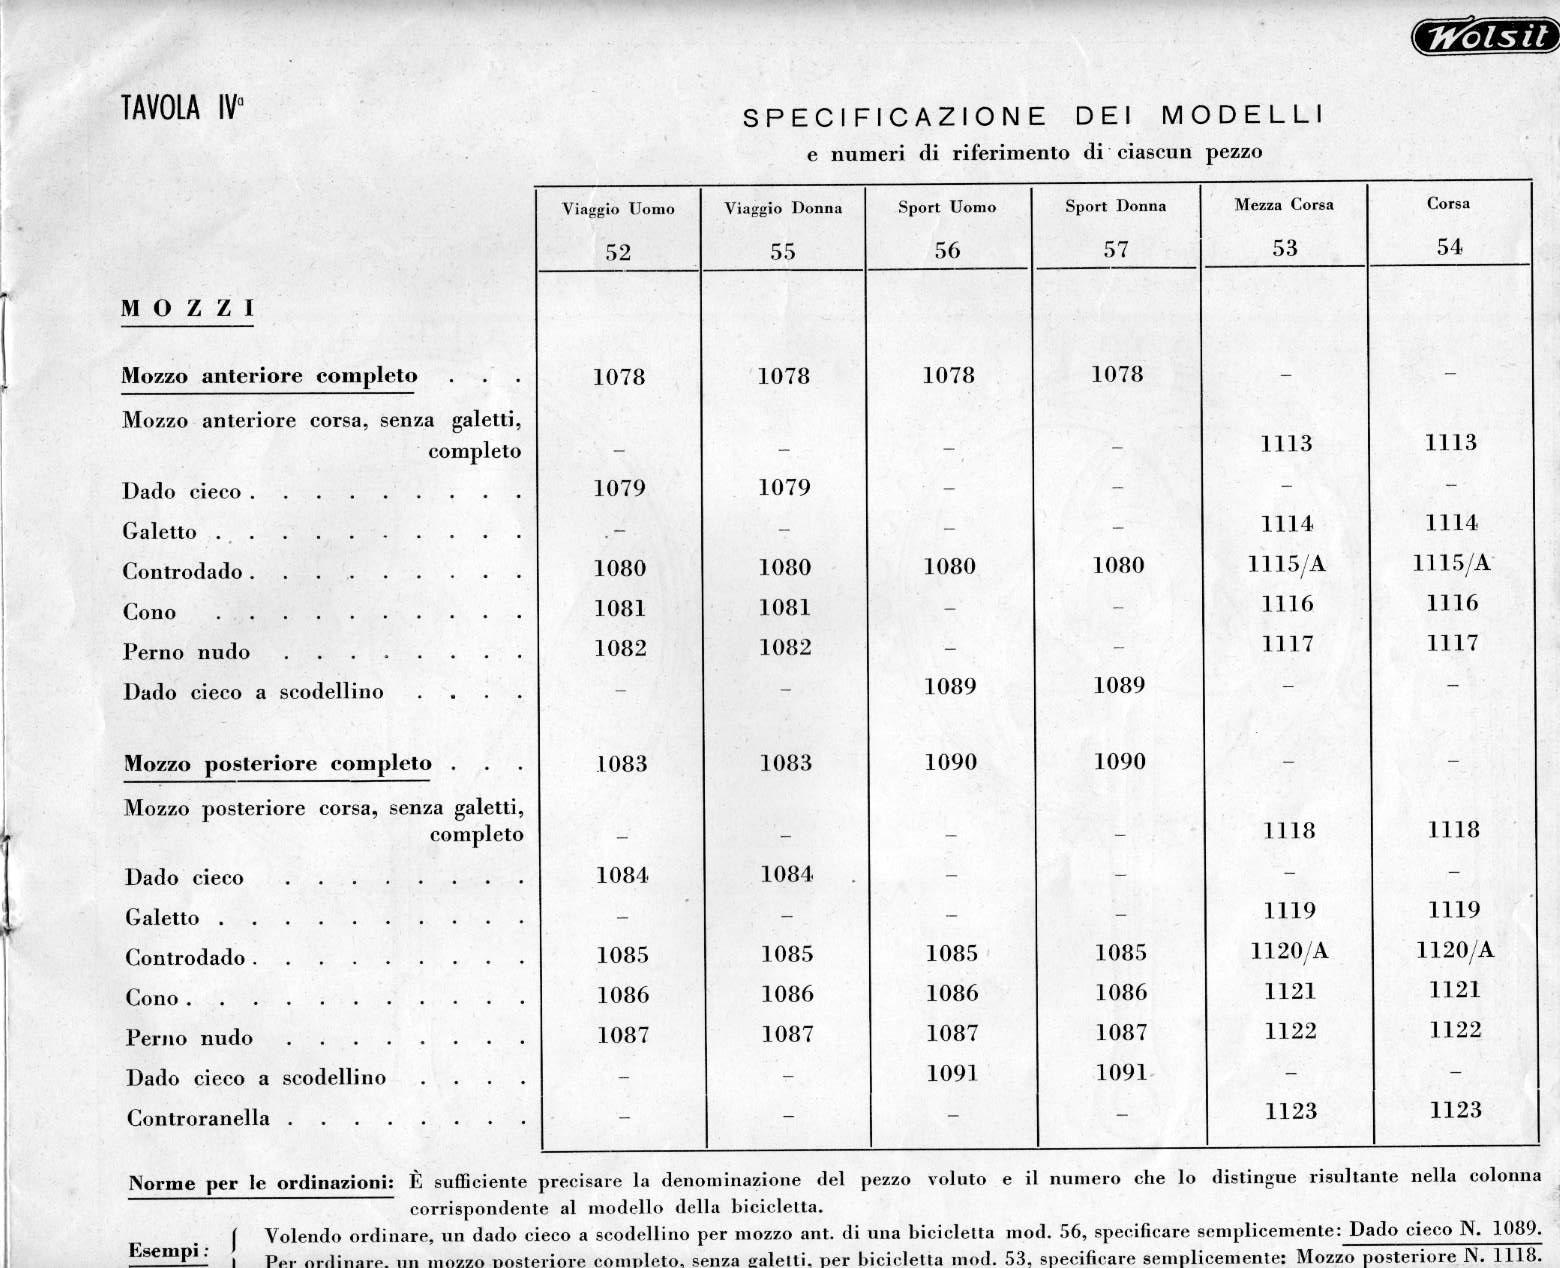 C Wolsit Parts Catalogue